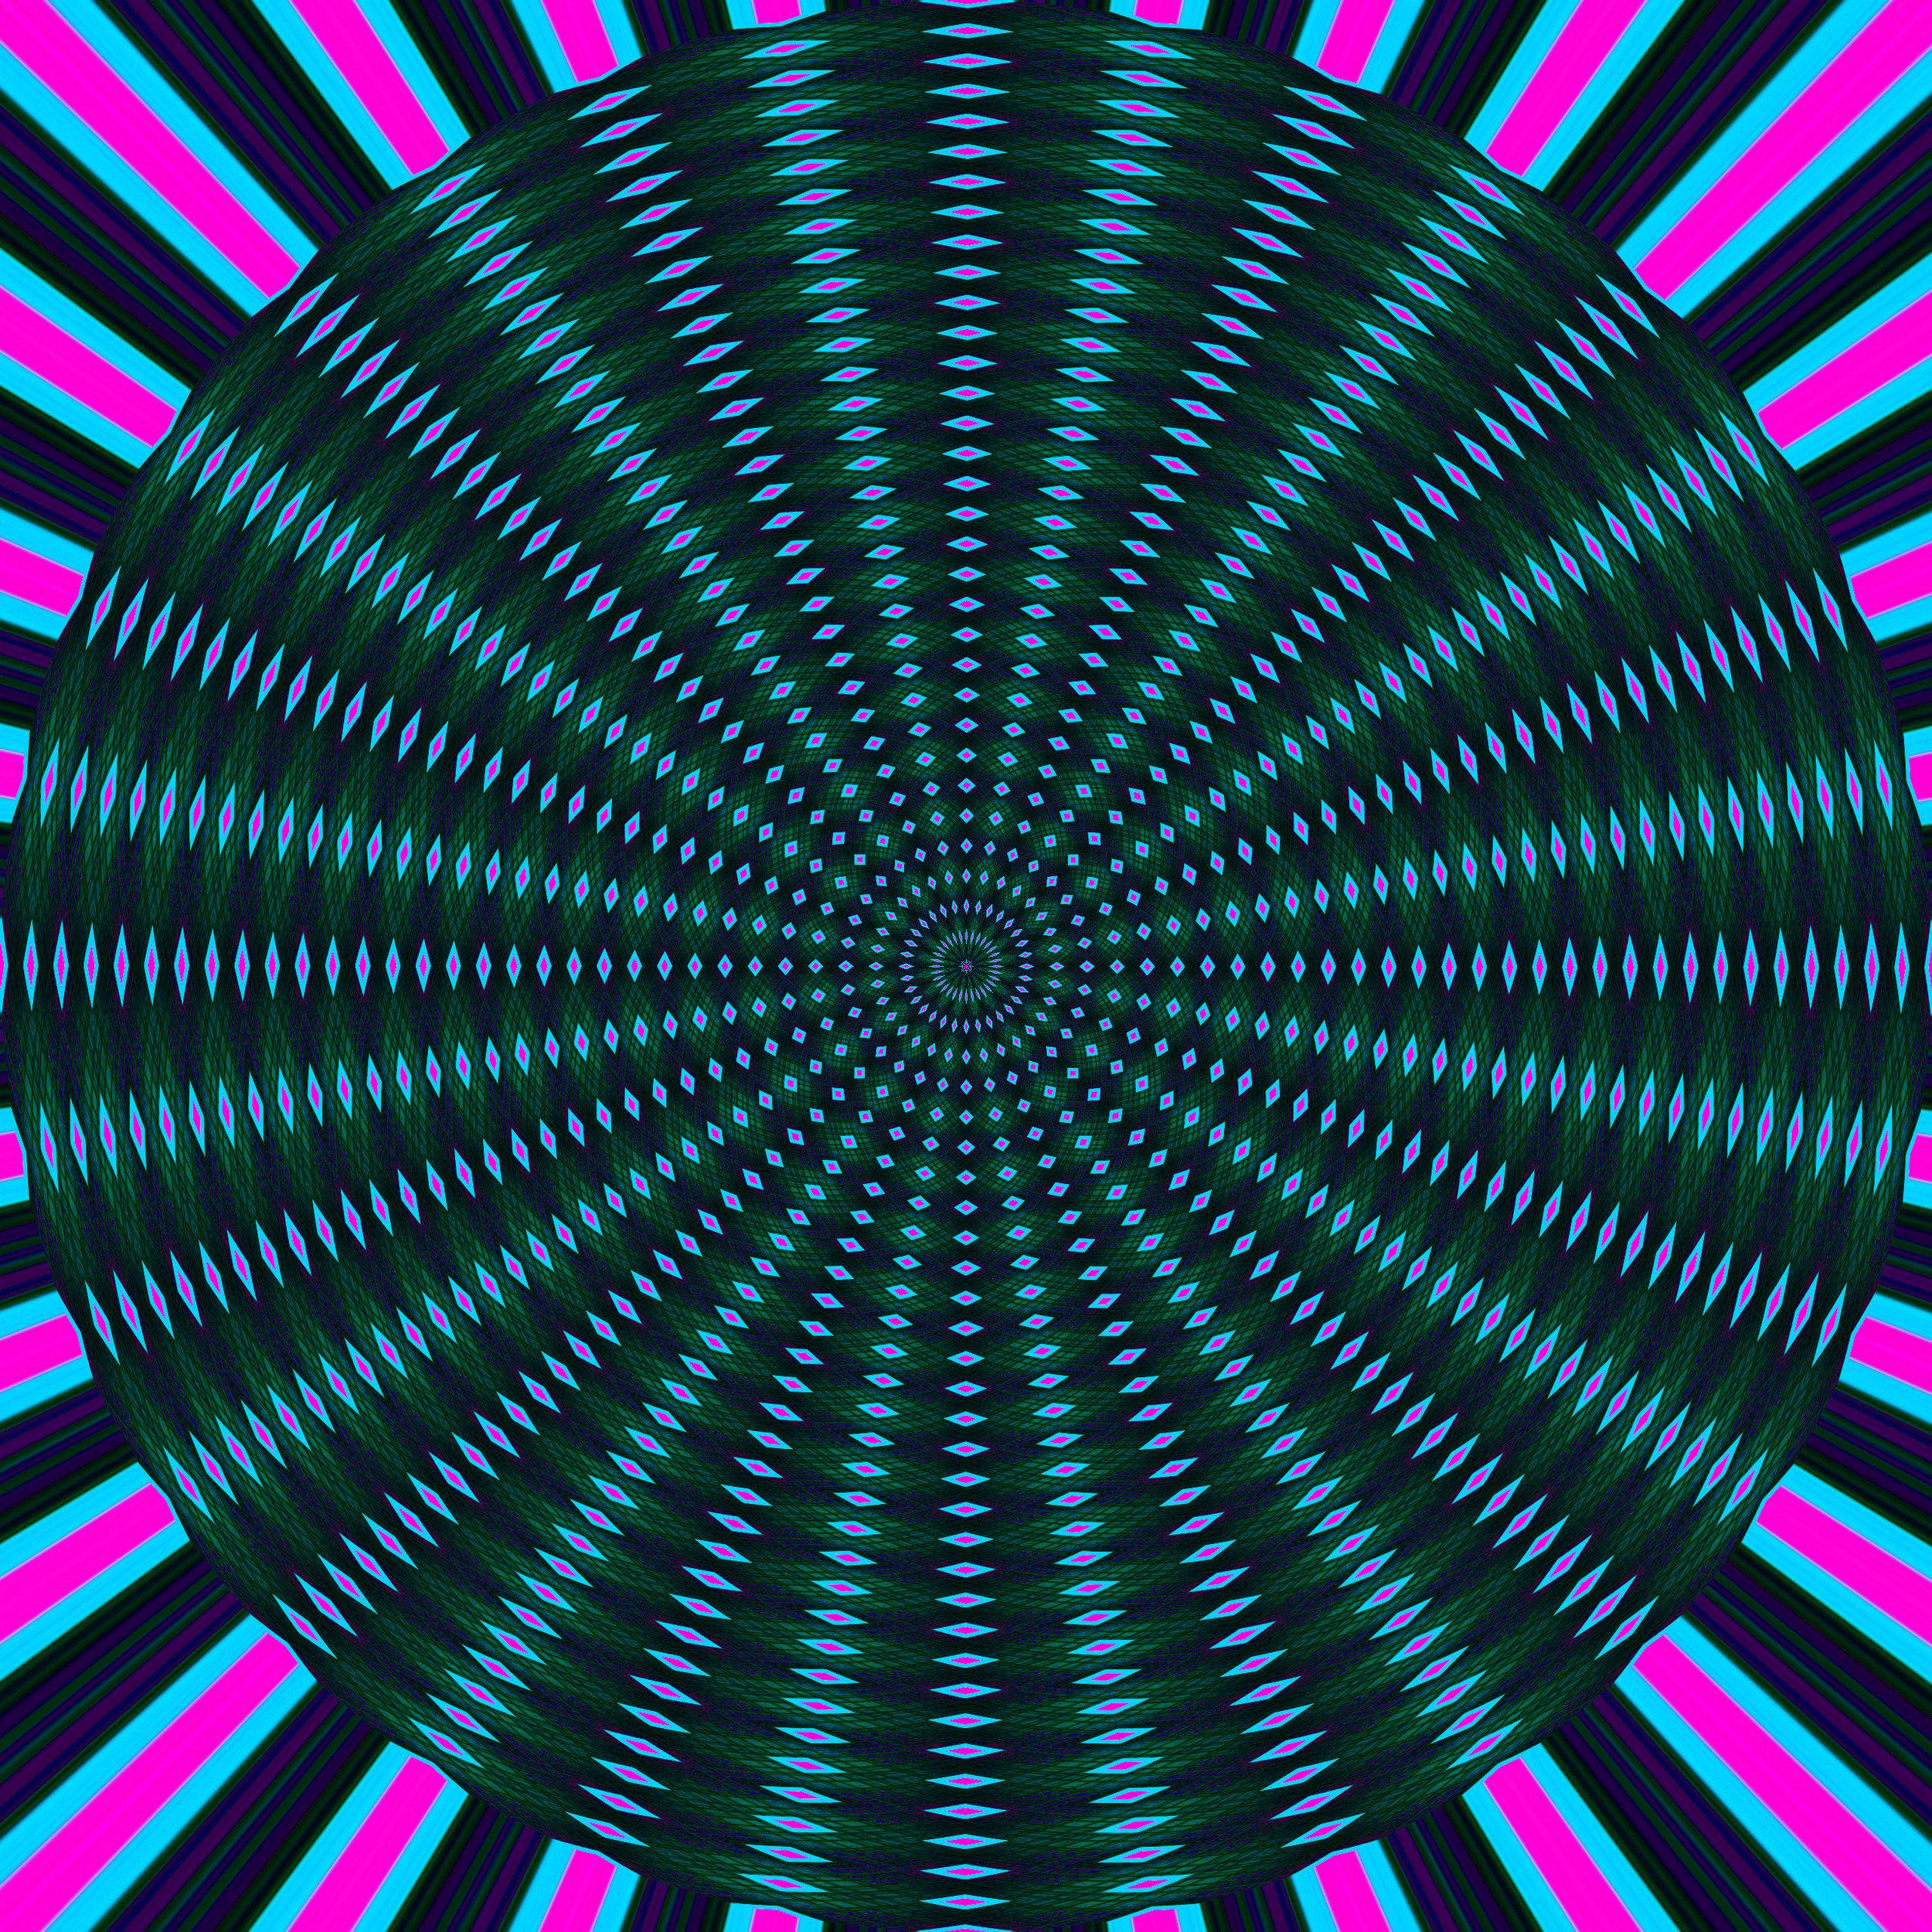 Complex Circles 6